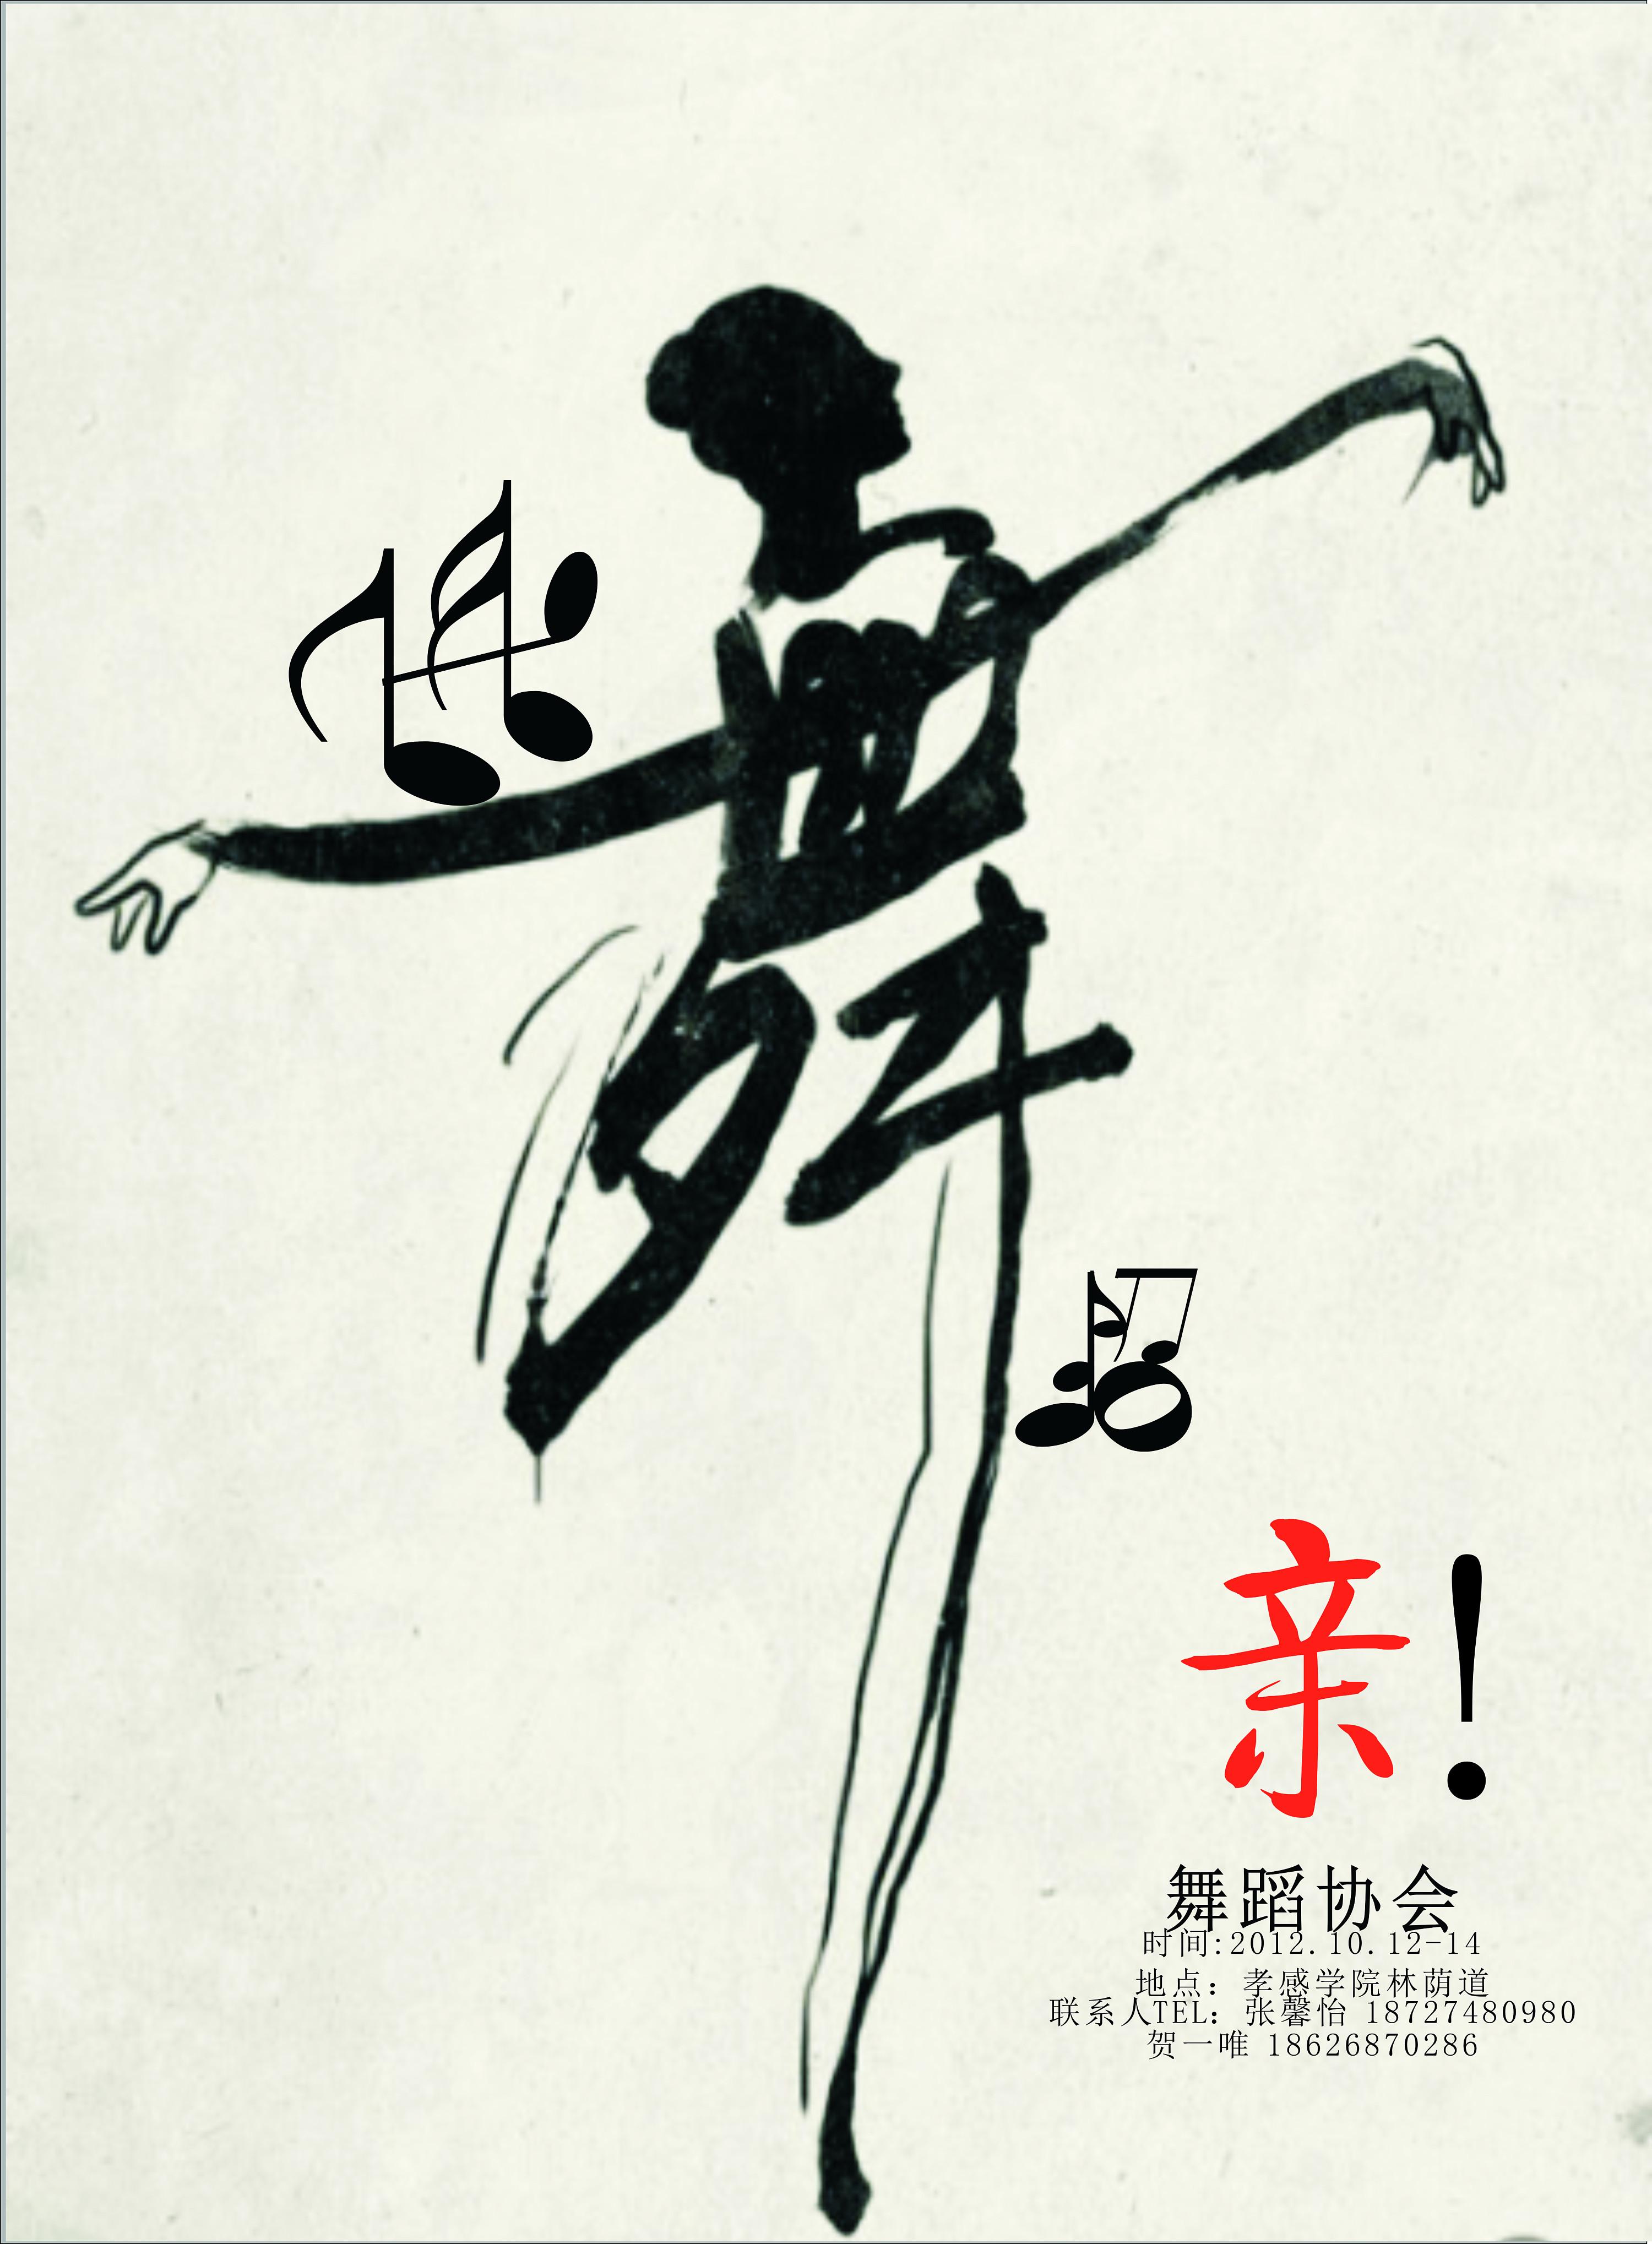 舞蹈社图招新海报